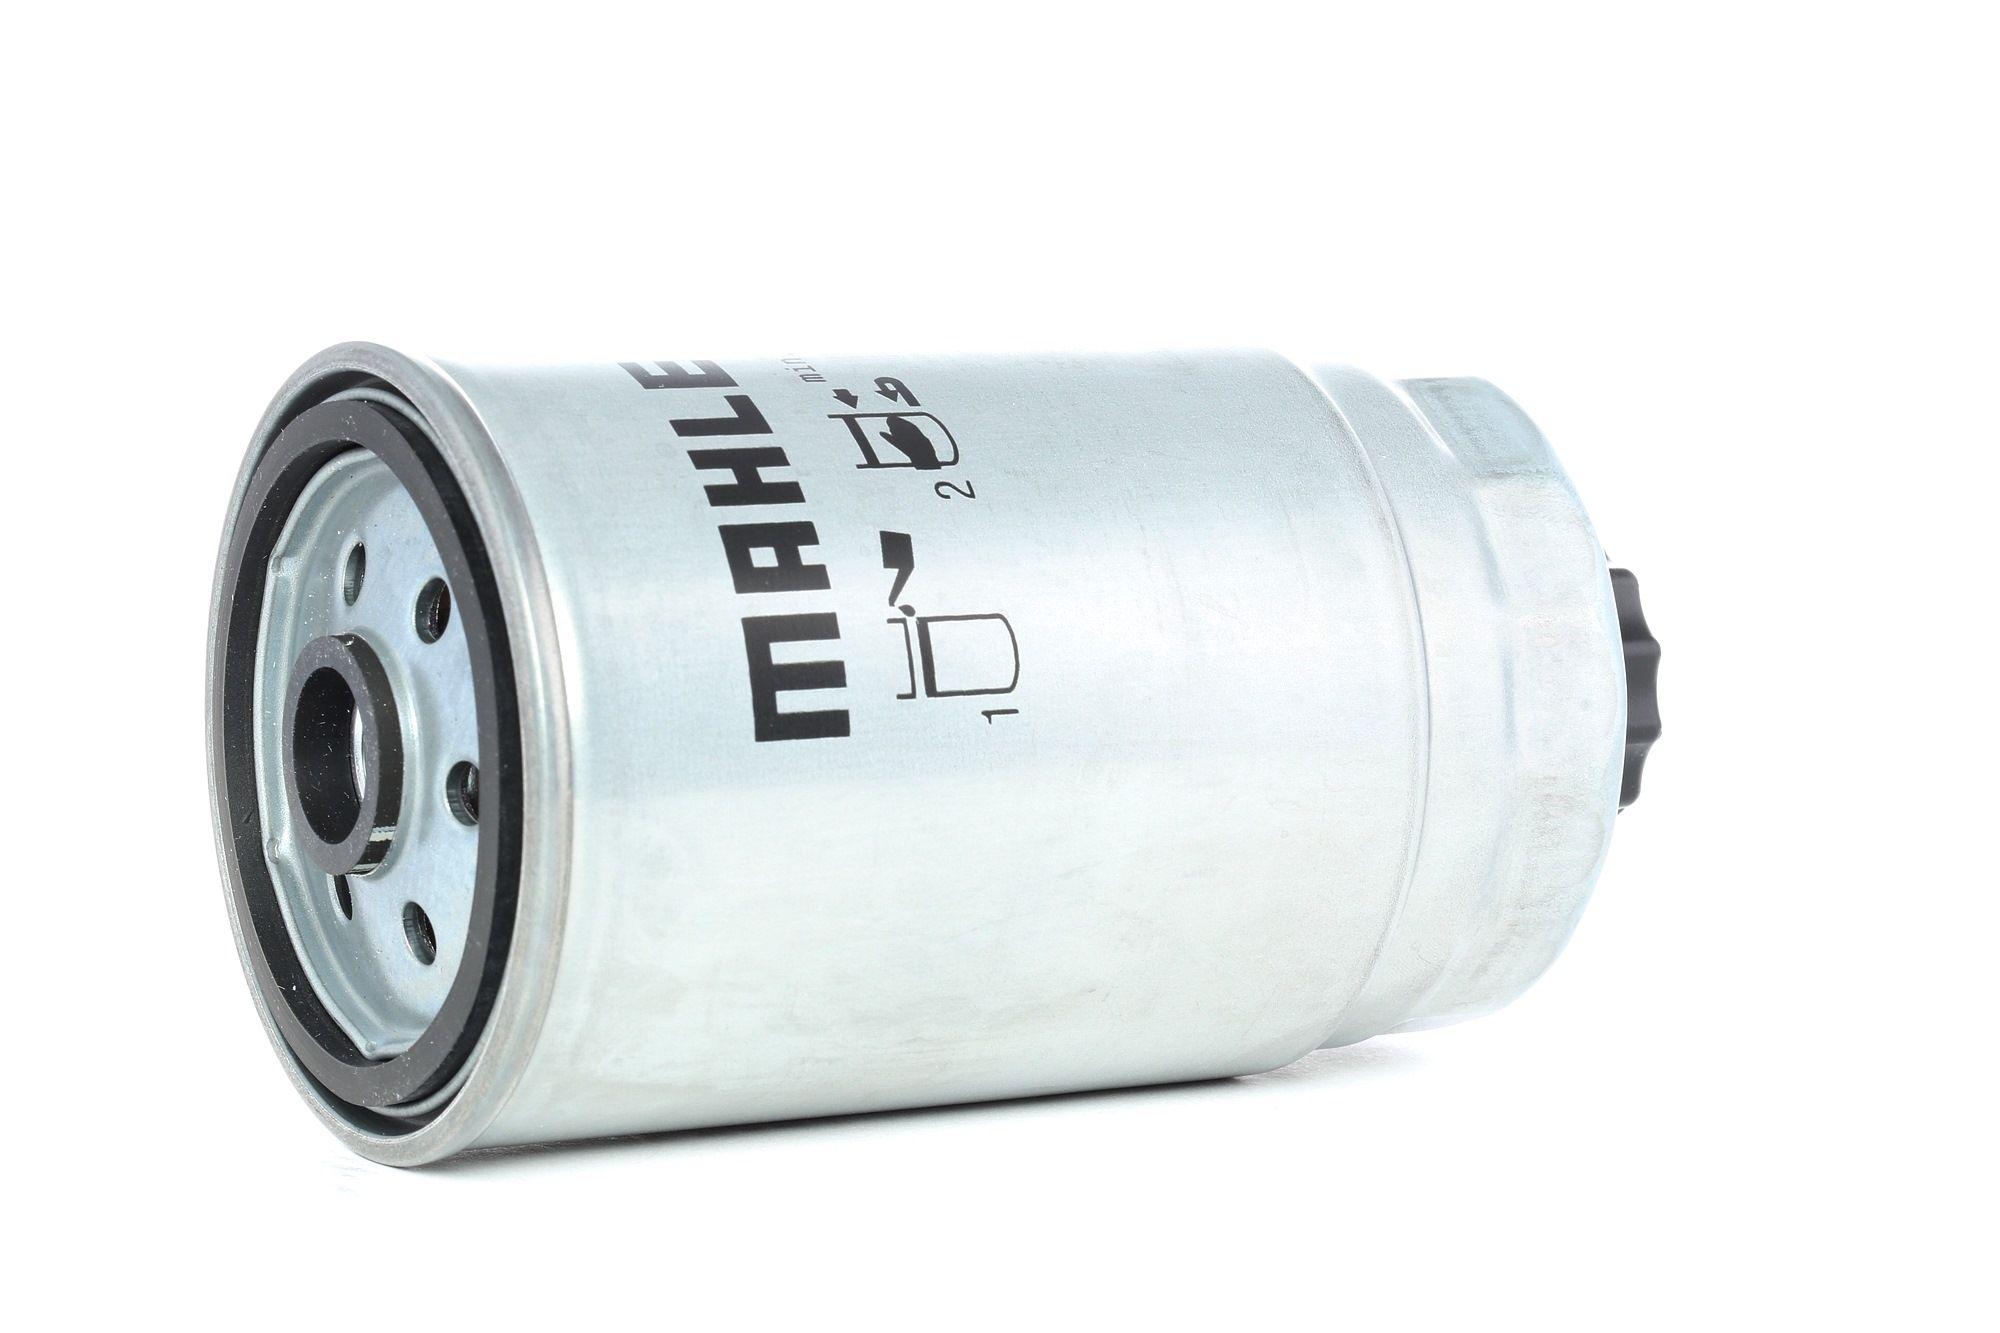 Achetez Filtre à carburant MAHLE ORIGINAL KC 140 (Hauteur: 159mm, Diamètre du boîtier: 81mm) à un rapport qualité-prix exceptionnel